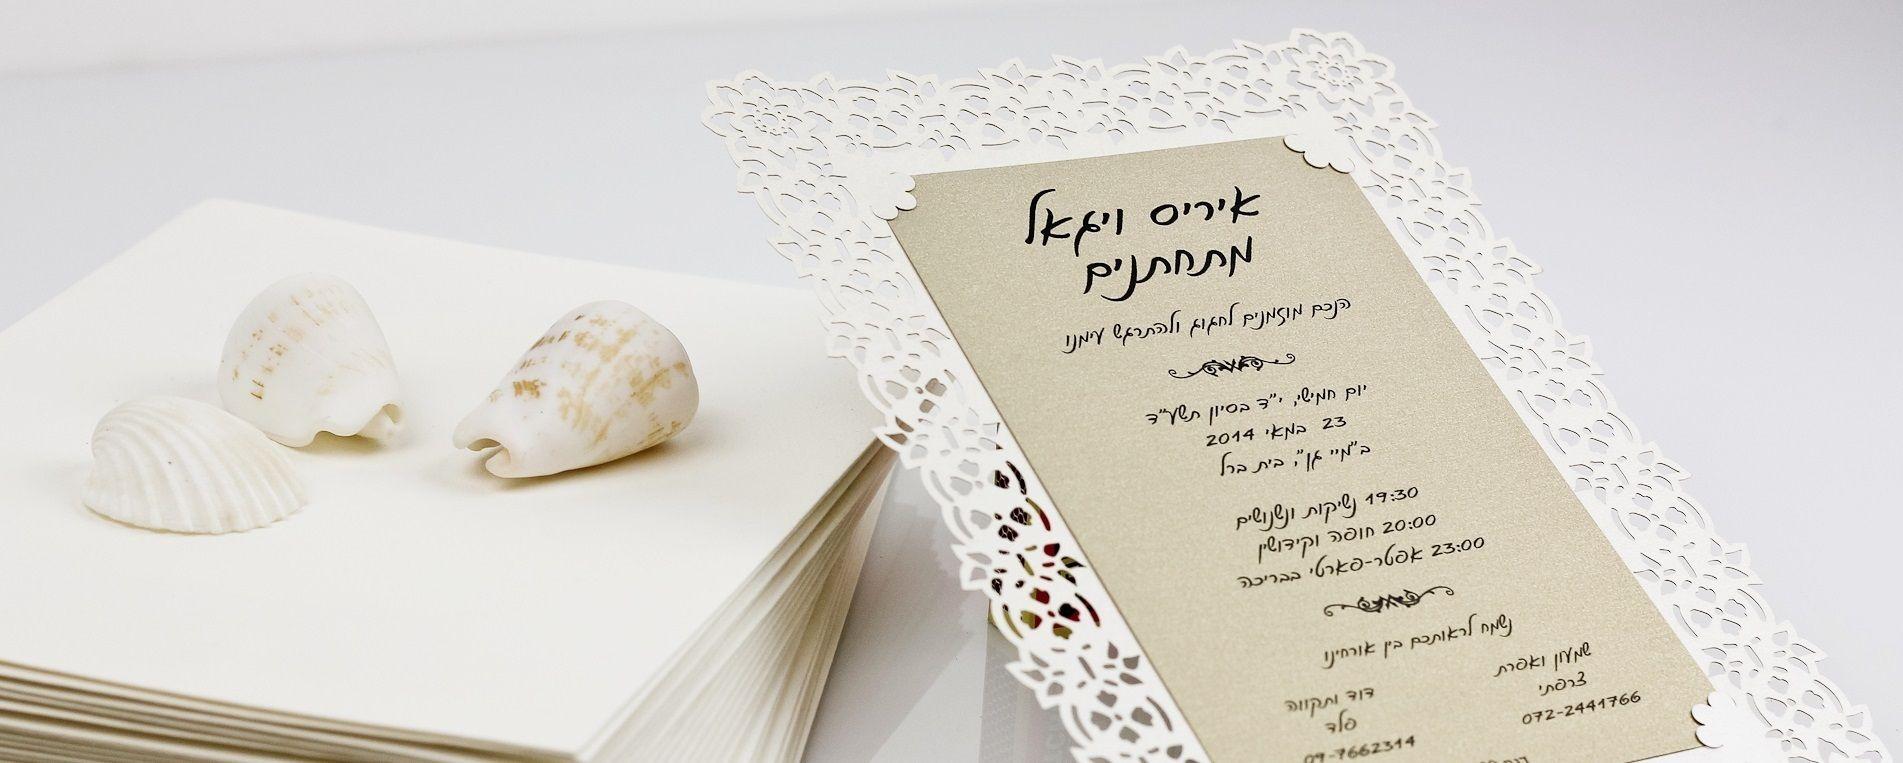 הזמנה לחתונה תחרה בחיתוך לייזר בנייר מטאלי